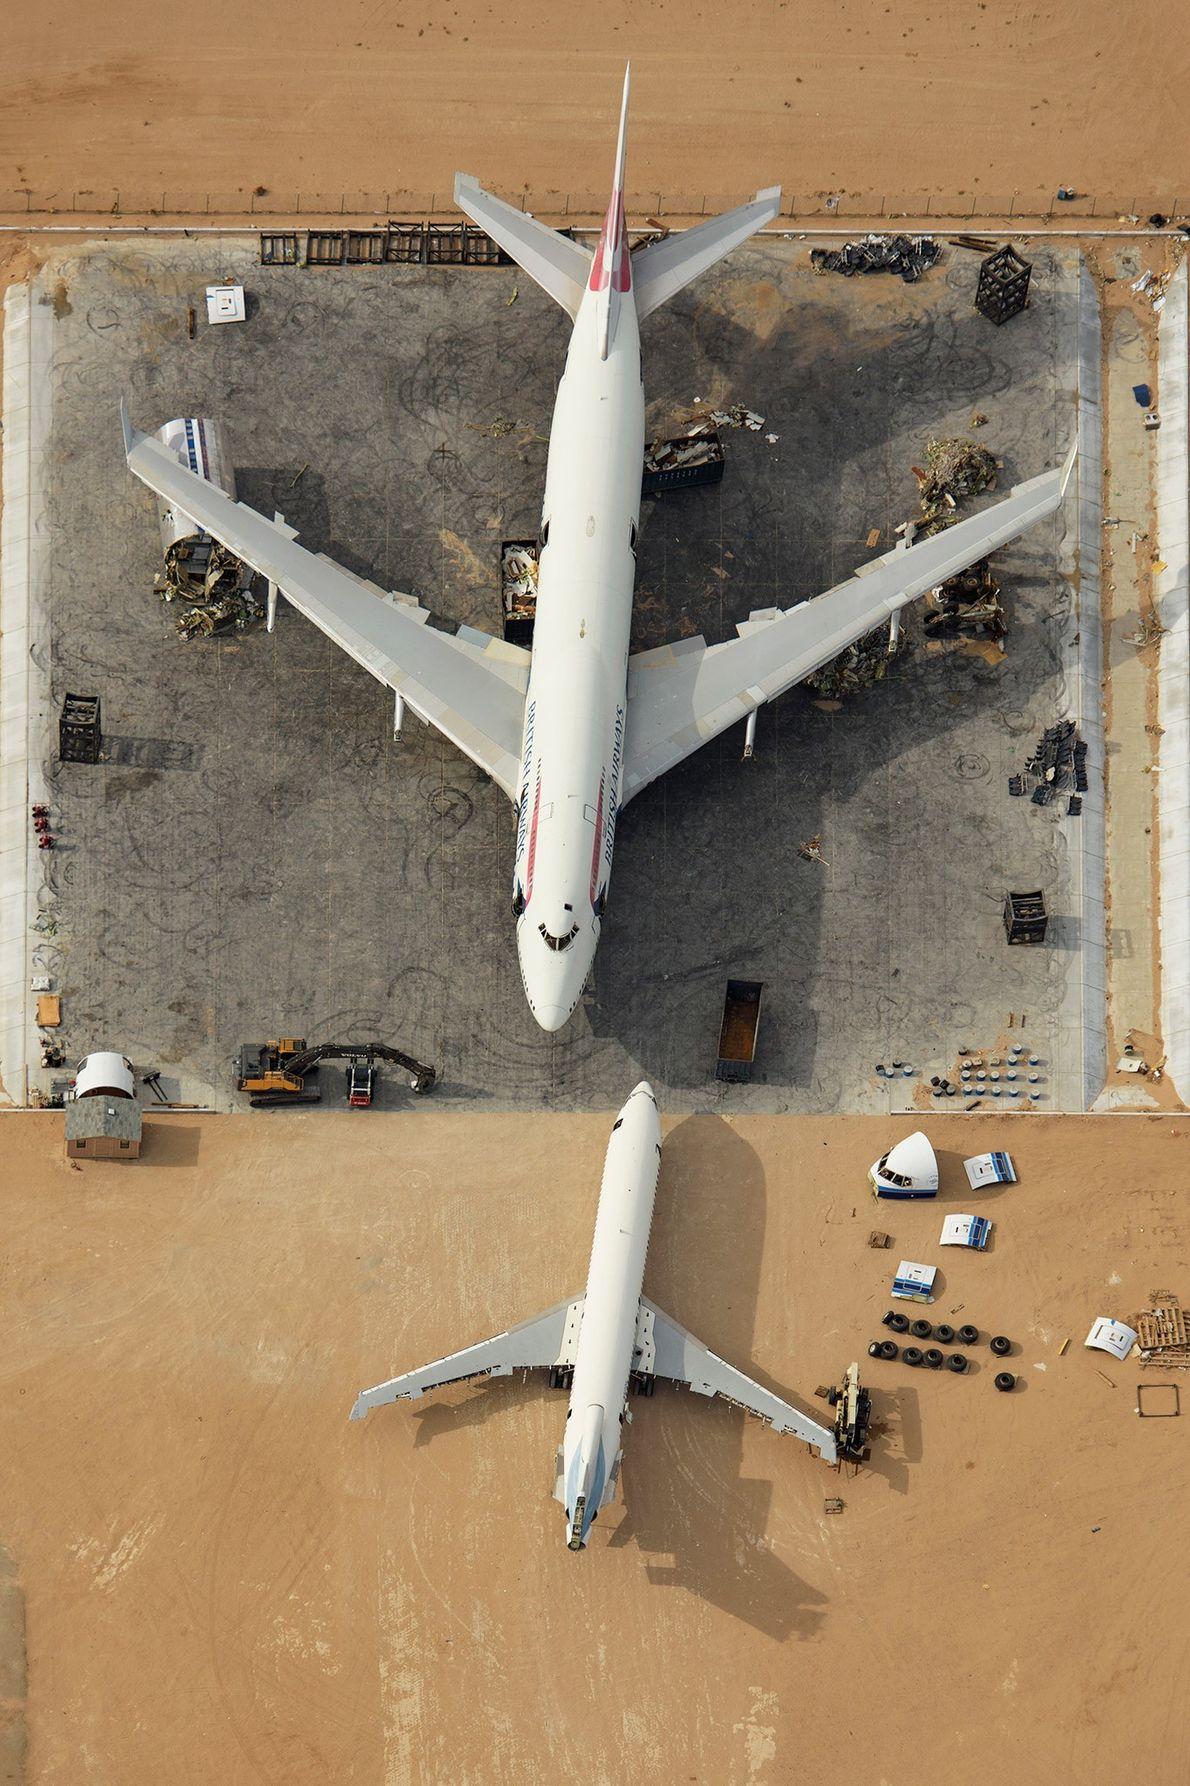 Un Boeing 747 qui a fini sa carrière est entreposé dans le cimetière d'avions de l'Aéroport ...